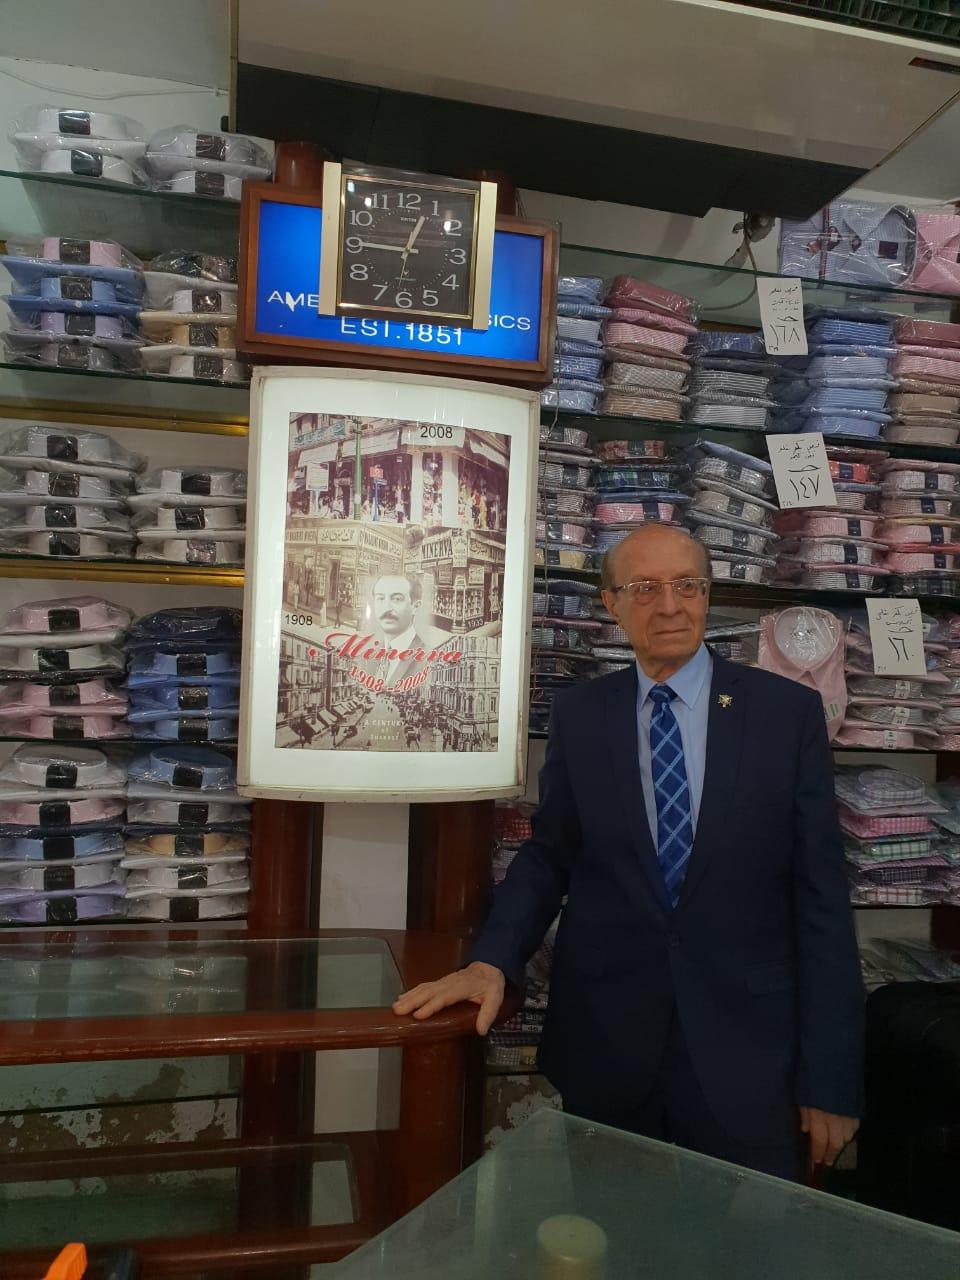 3- رئيس الجمعية اليونانية مع صورة والده الذى أسس أقدم محل